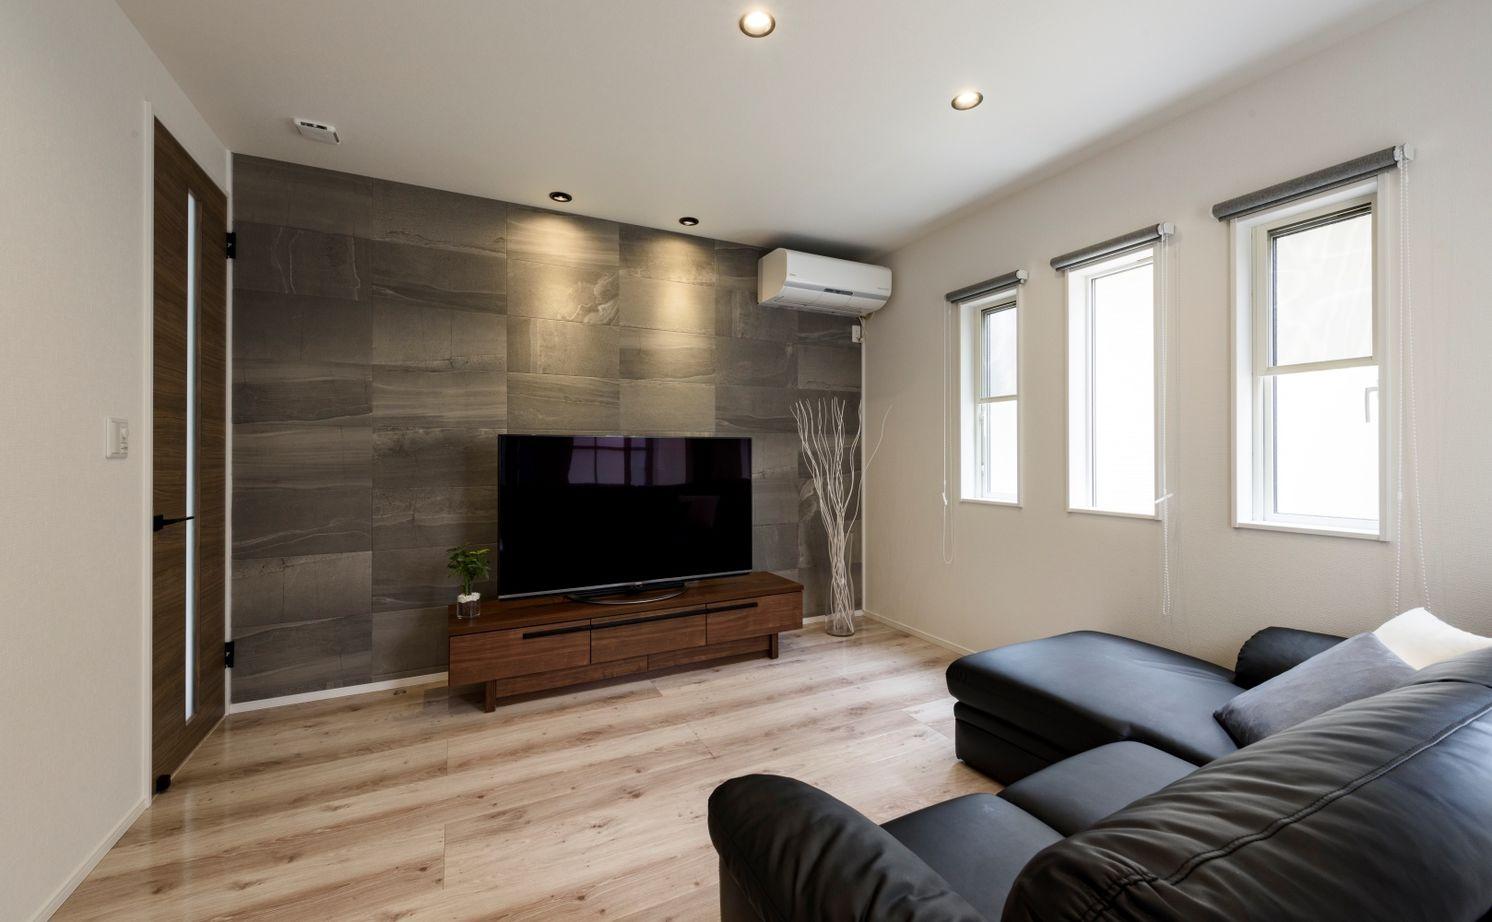 【1700万円台/110.95平米/間取り図あり】暮らし易くシンプルな家を希望  豊富な収納と家事動線に配慮した家画像3